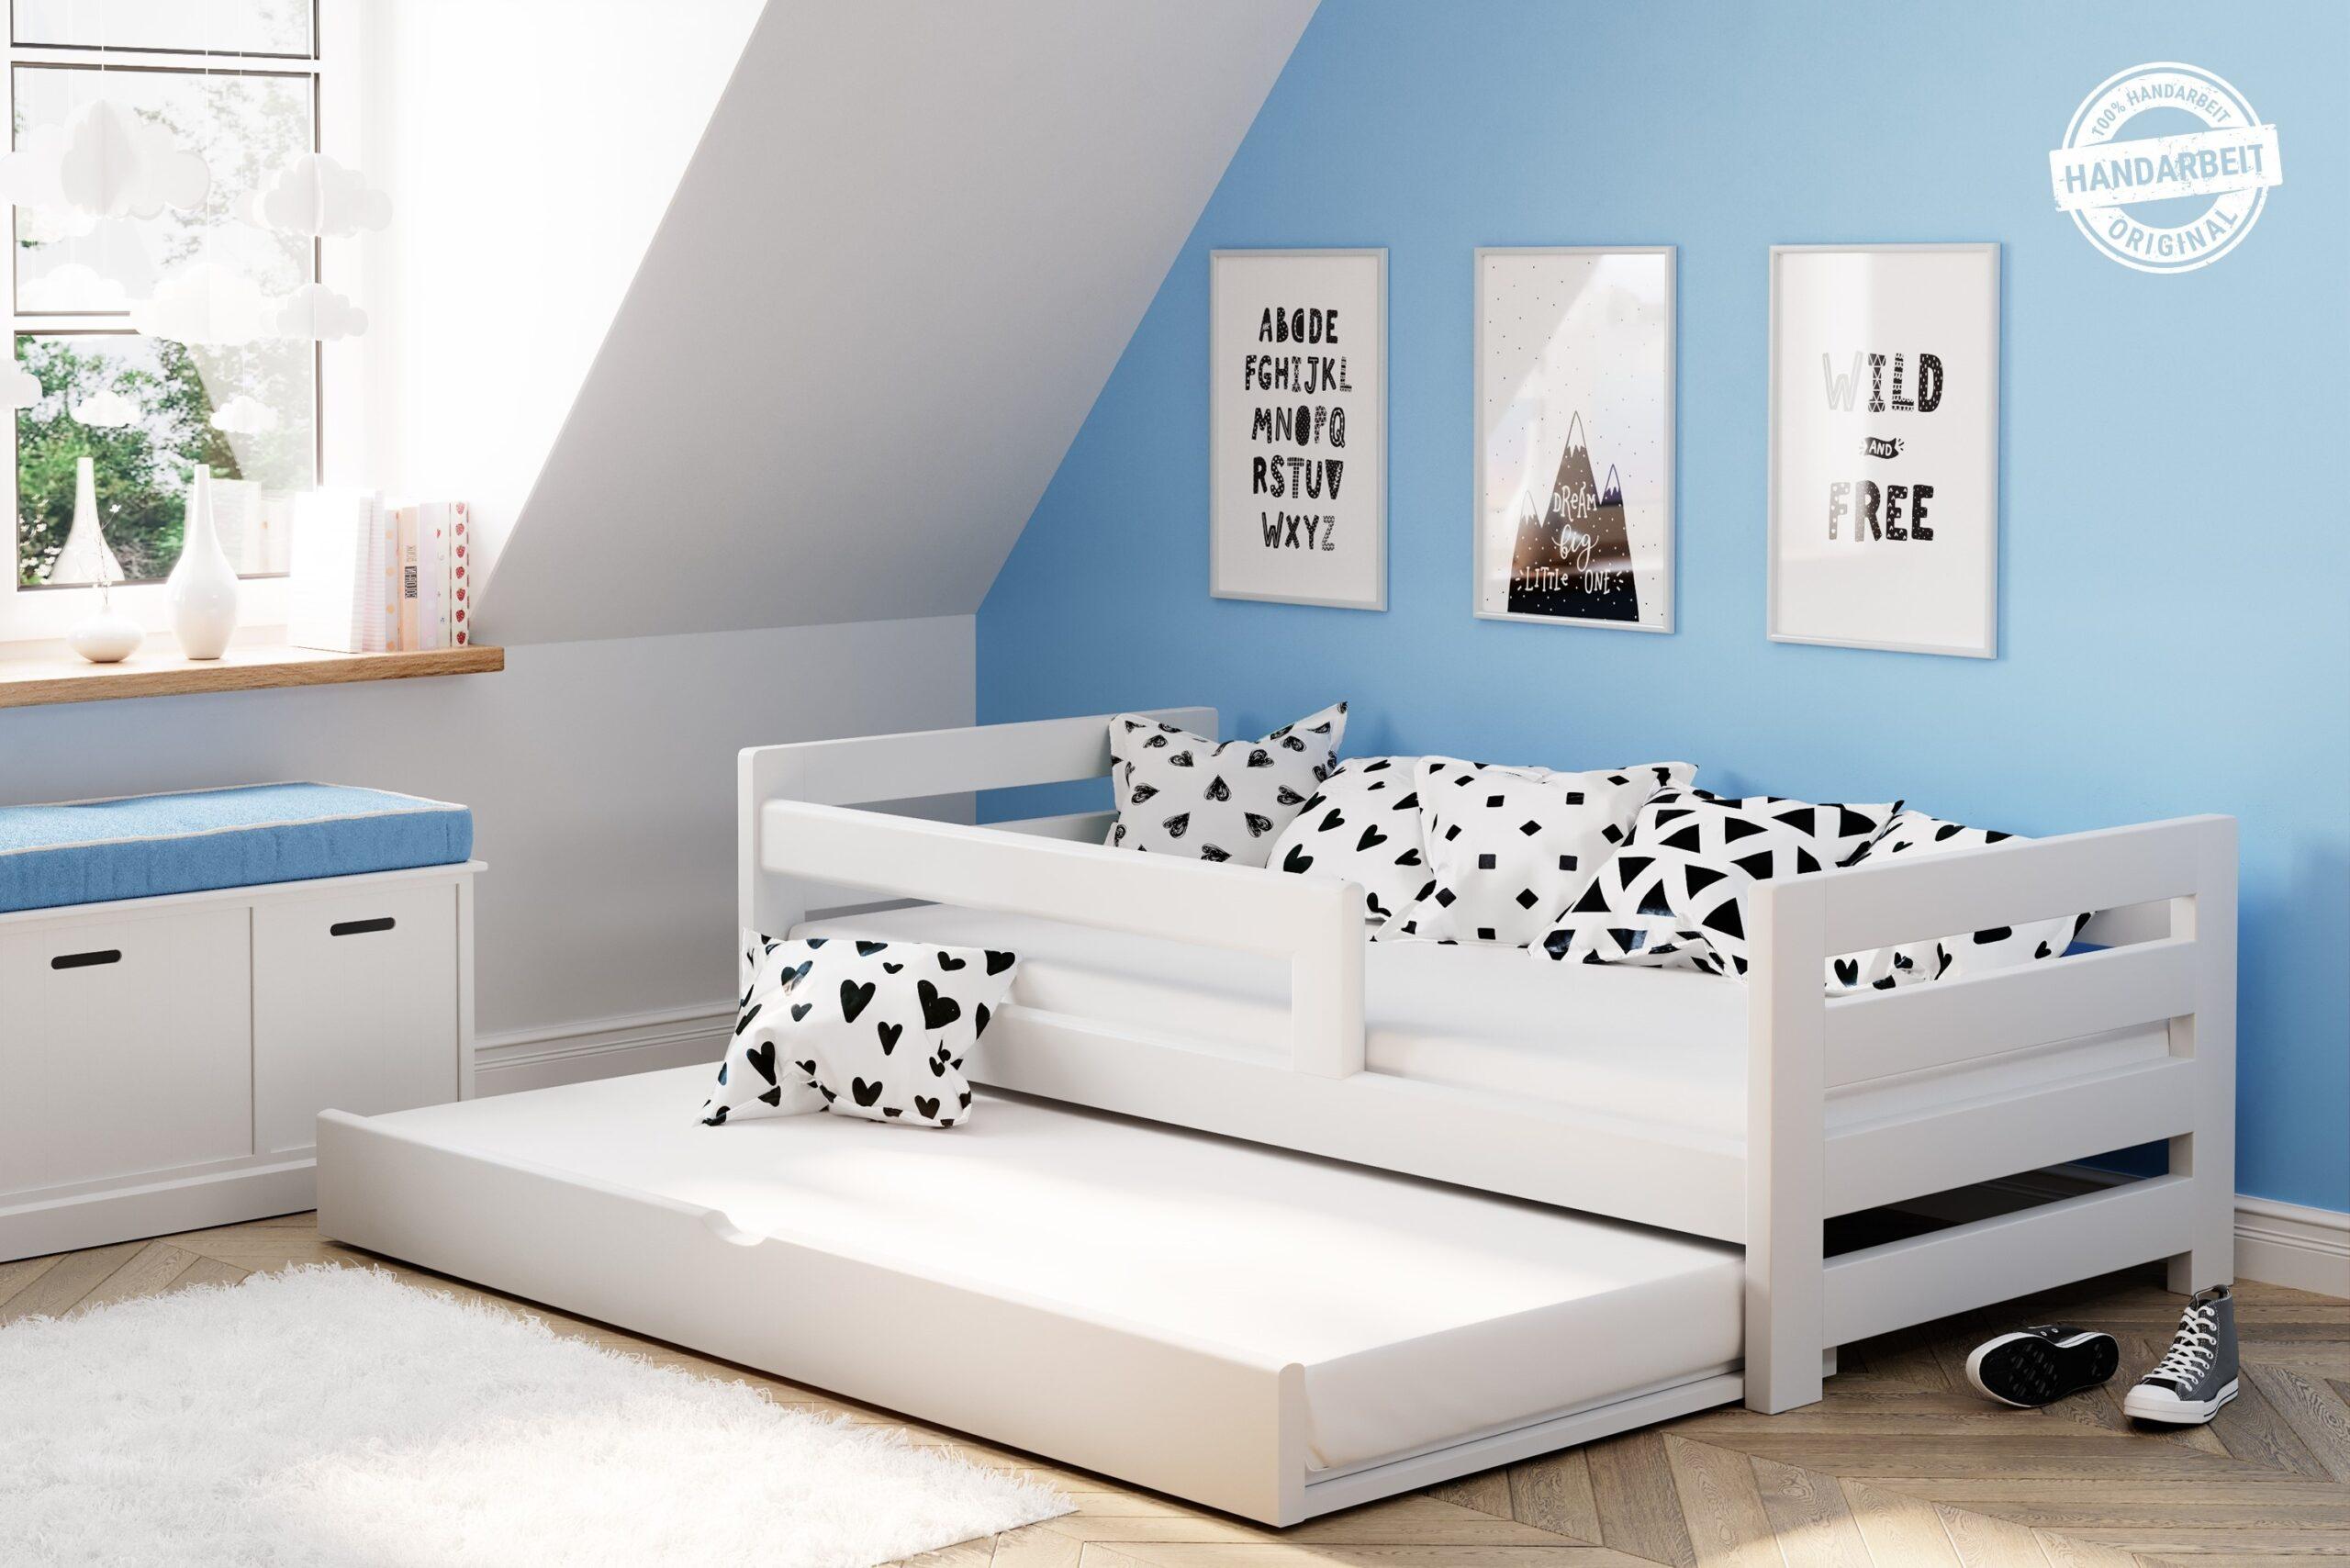 Full Size of Ausziehbett 140x200 Ikea Bett Mit Classik Inkl Lattenroste Betten Weiß Bettkasten Günstig Ohne Kopfteil Weißes Sonoma Eiche Selber Bauen Matratze Und Wohnzimmer Ausziehbett 140x200